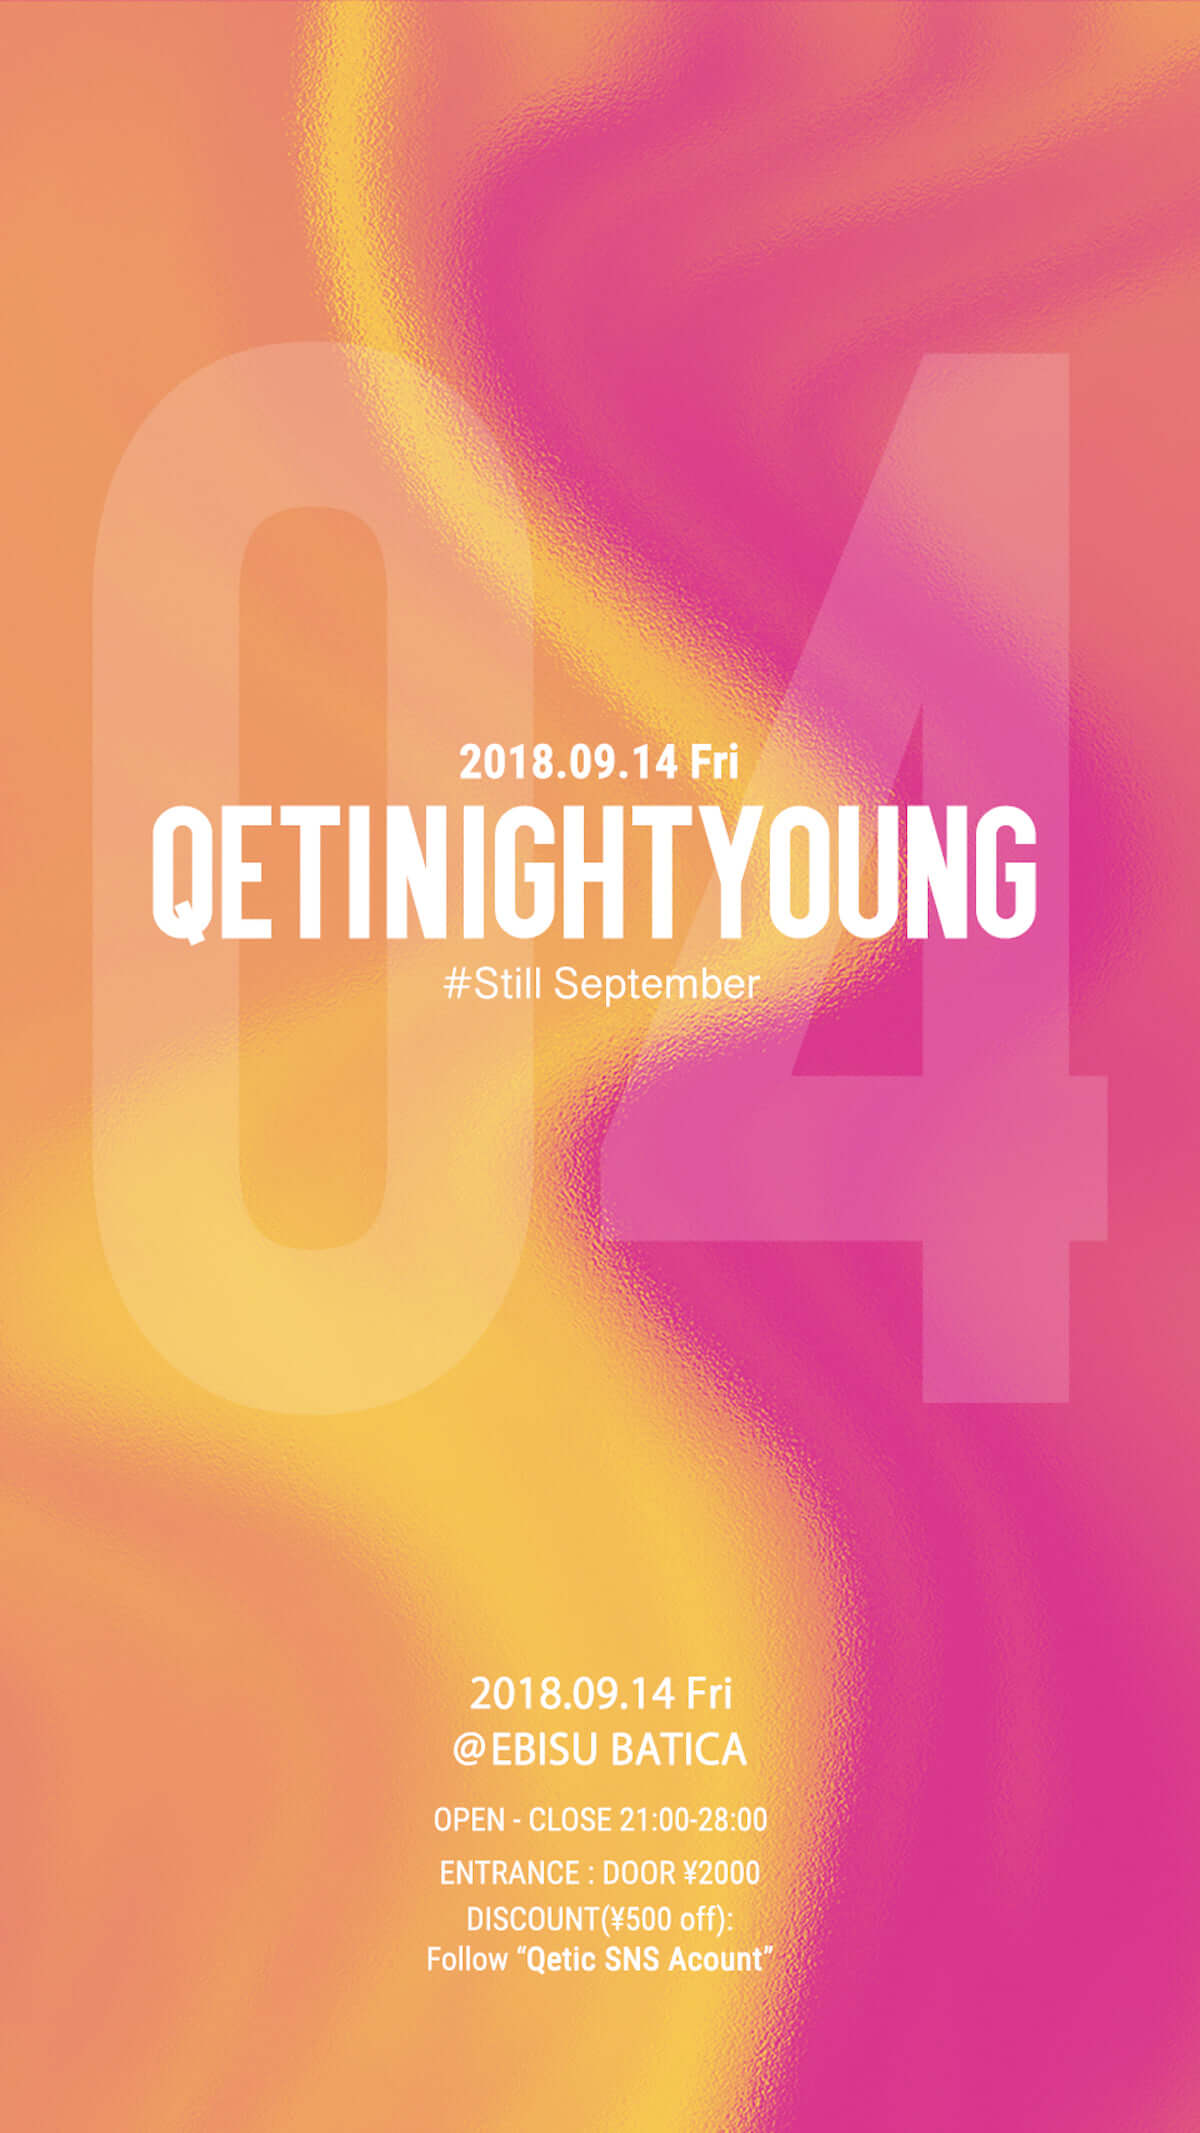 Qeticが主催するナイトライフスタイル推奨イベントが9月14日に開催 music180904-qetinightyoung-6-1200x2133